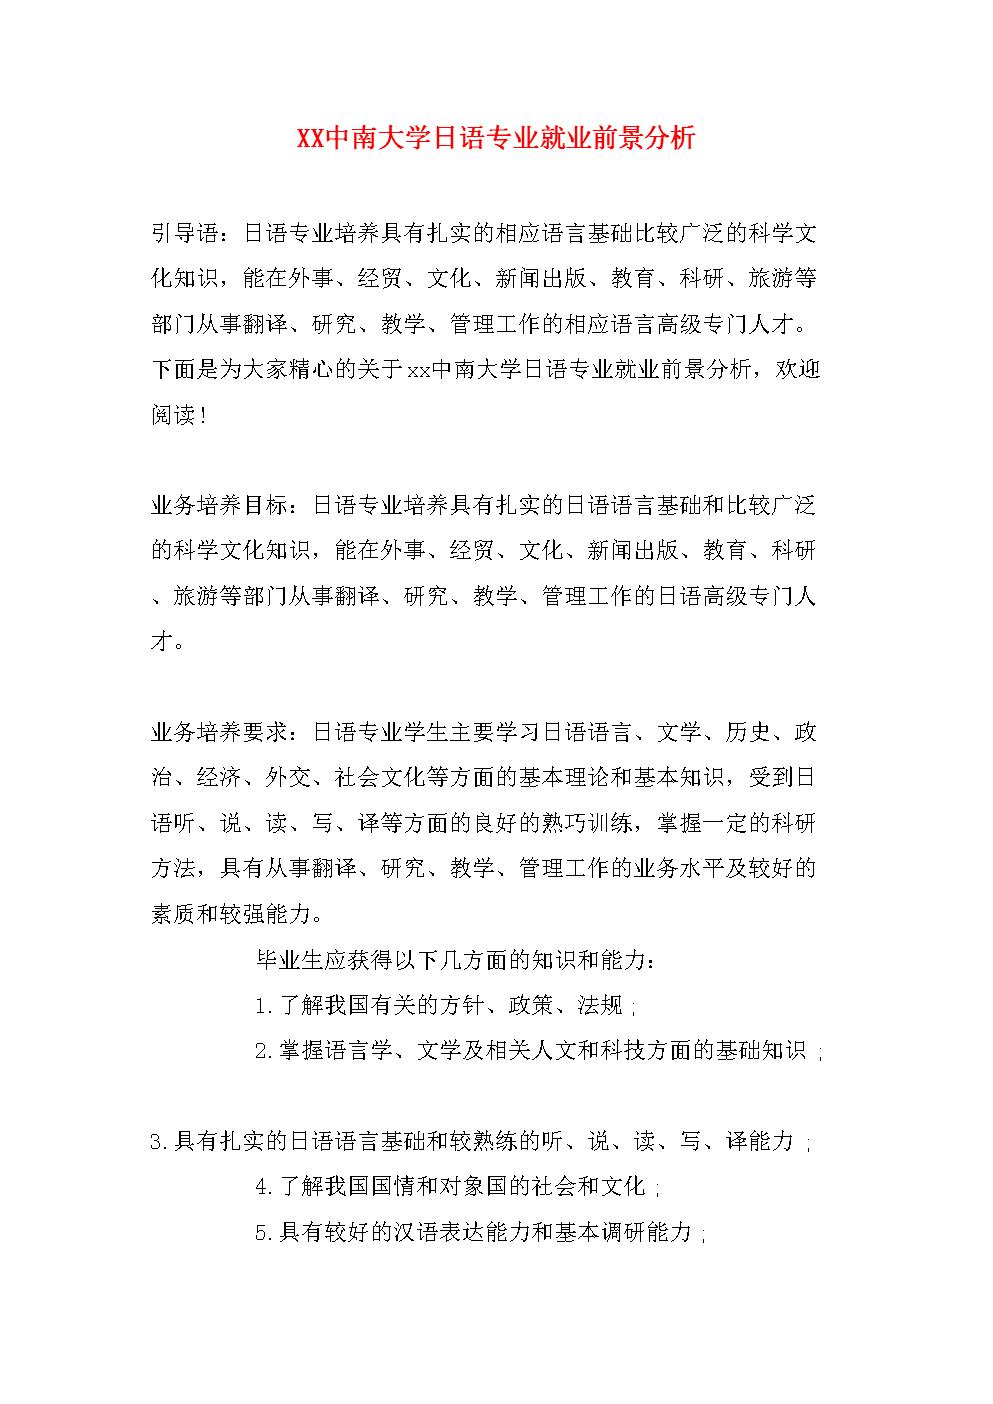 XX中南大学日语专业就业前景分析.doc